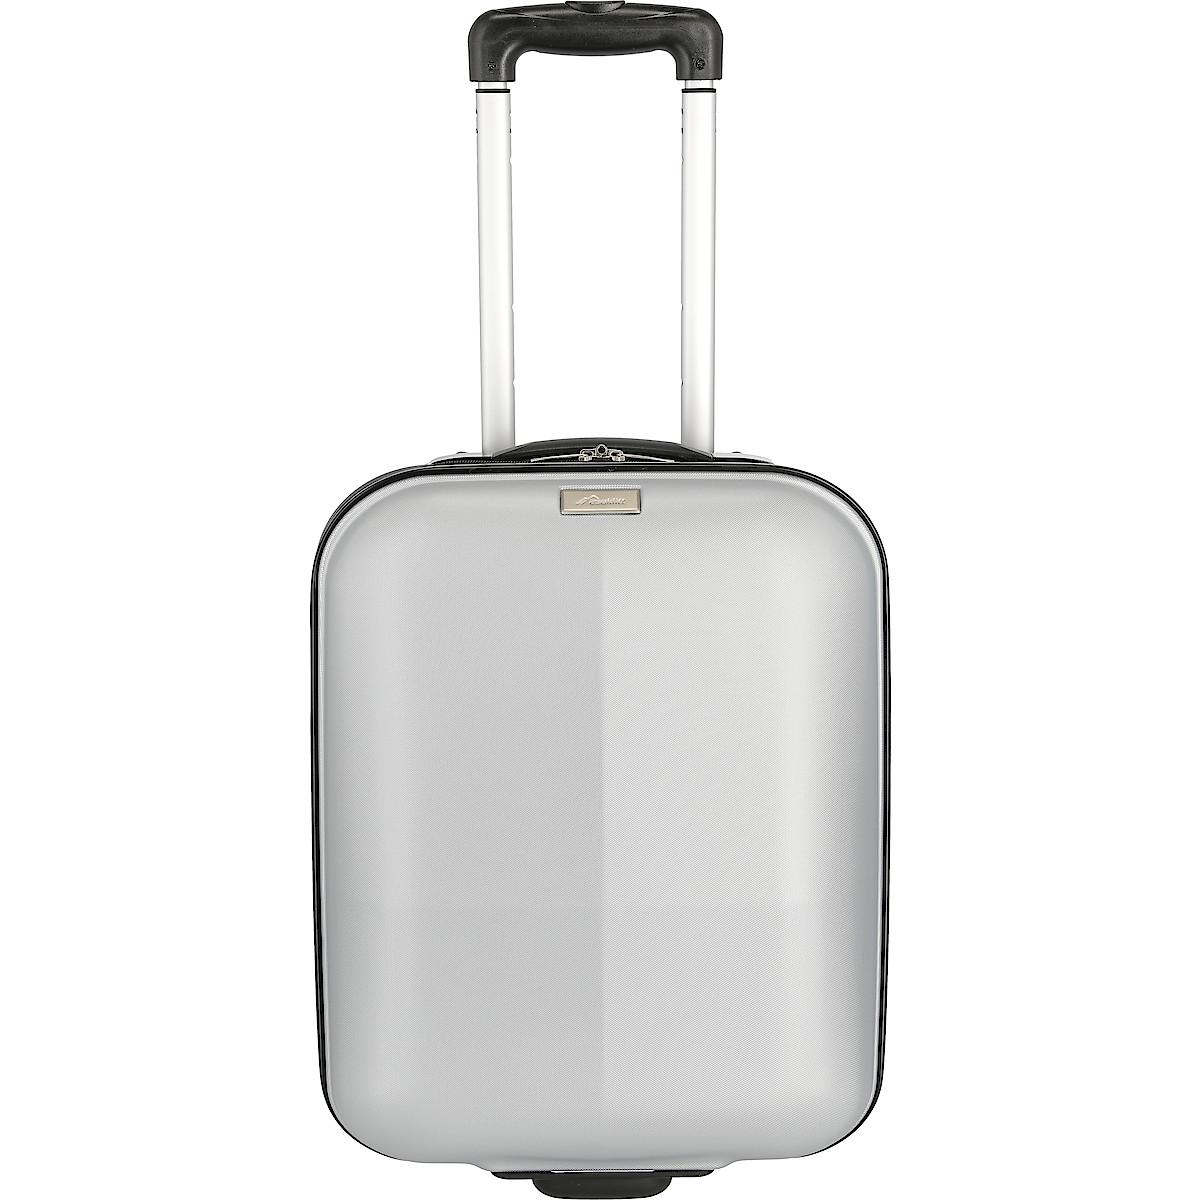 Resväska Asaklitt silver